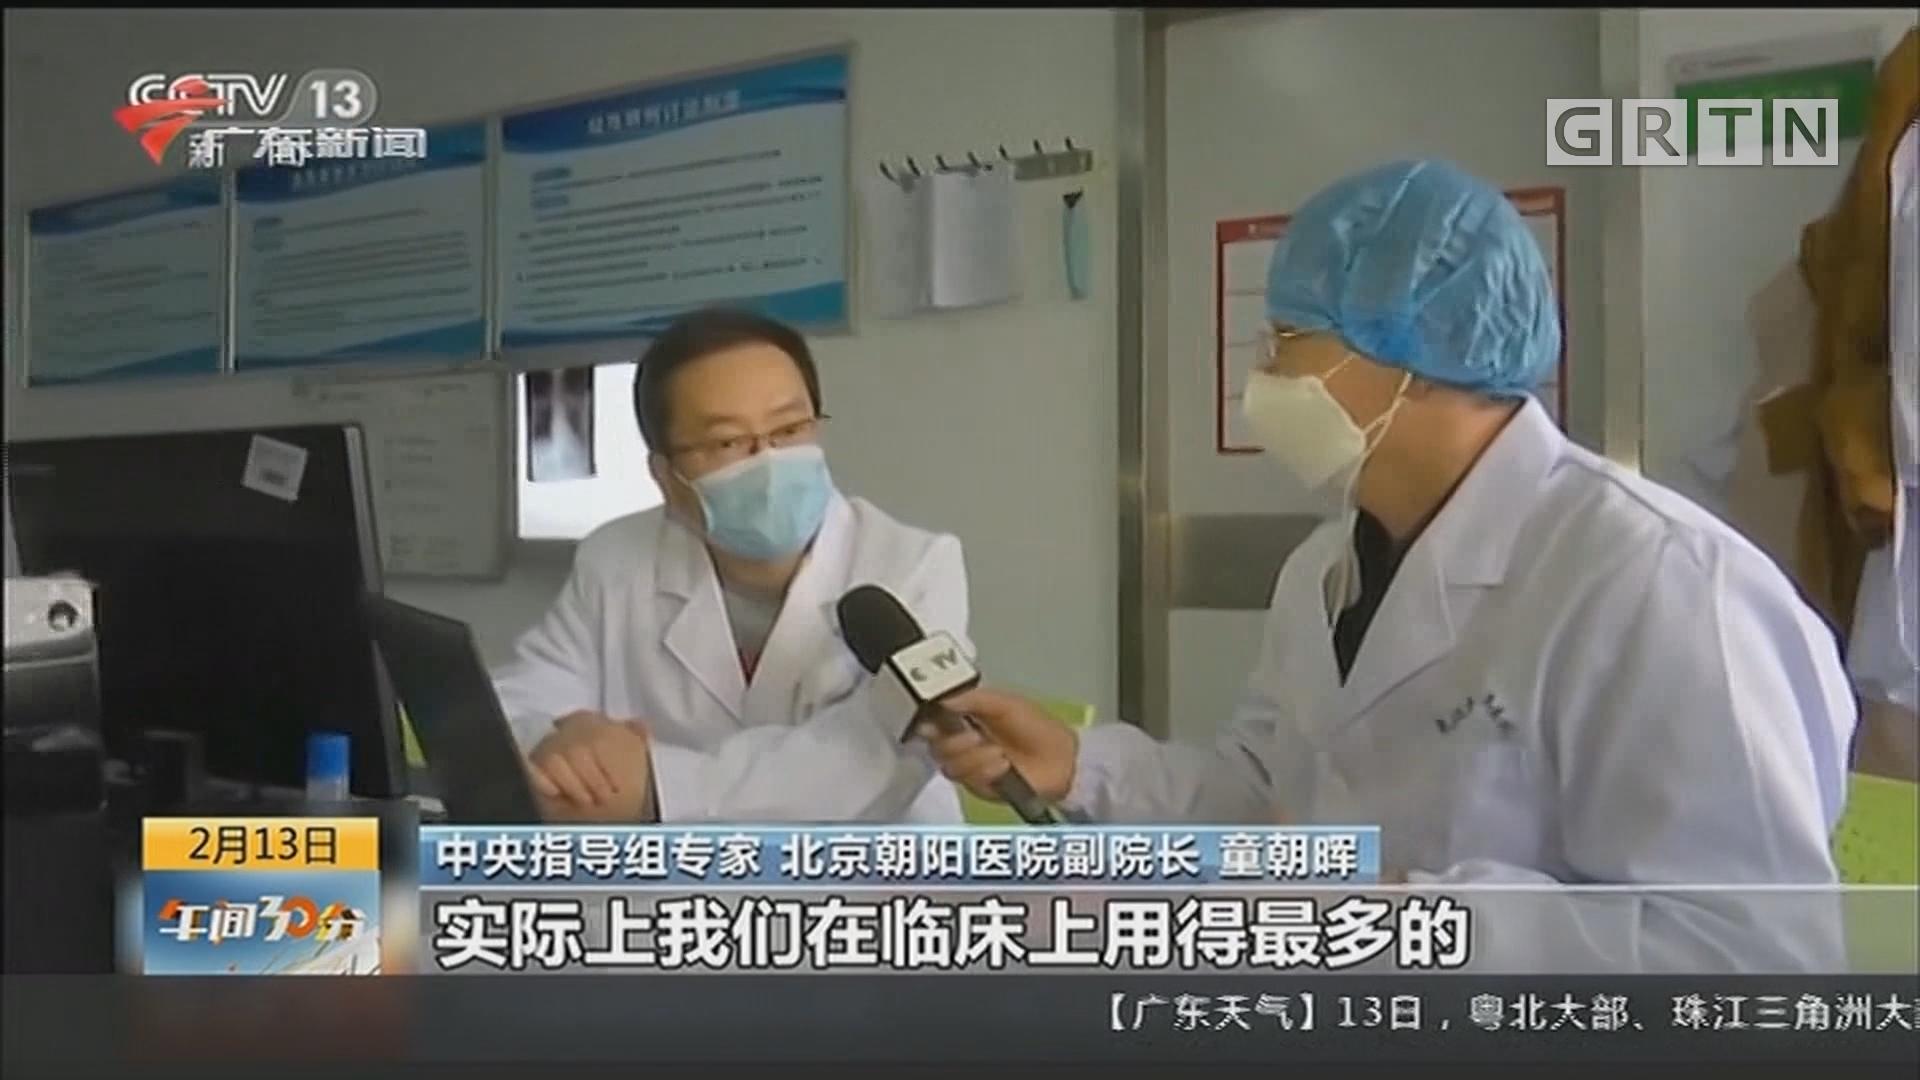 专家解读:湖北省将临床诊断病例纳入确诊病例数